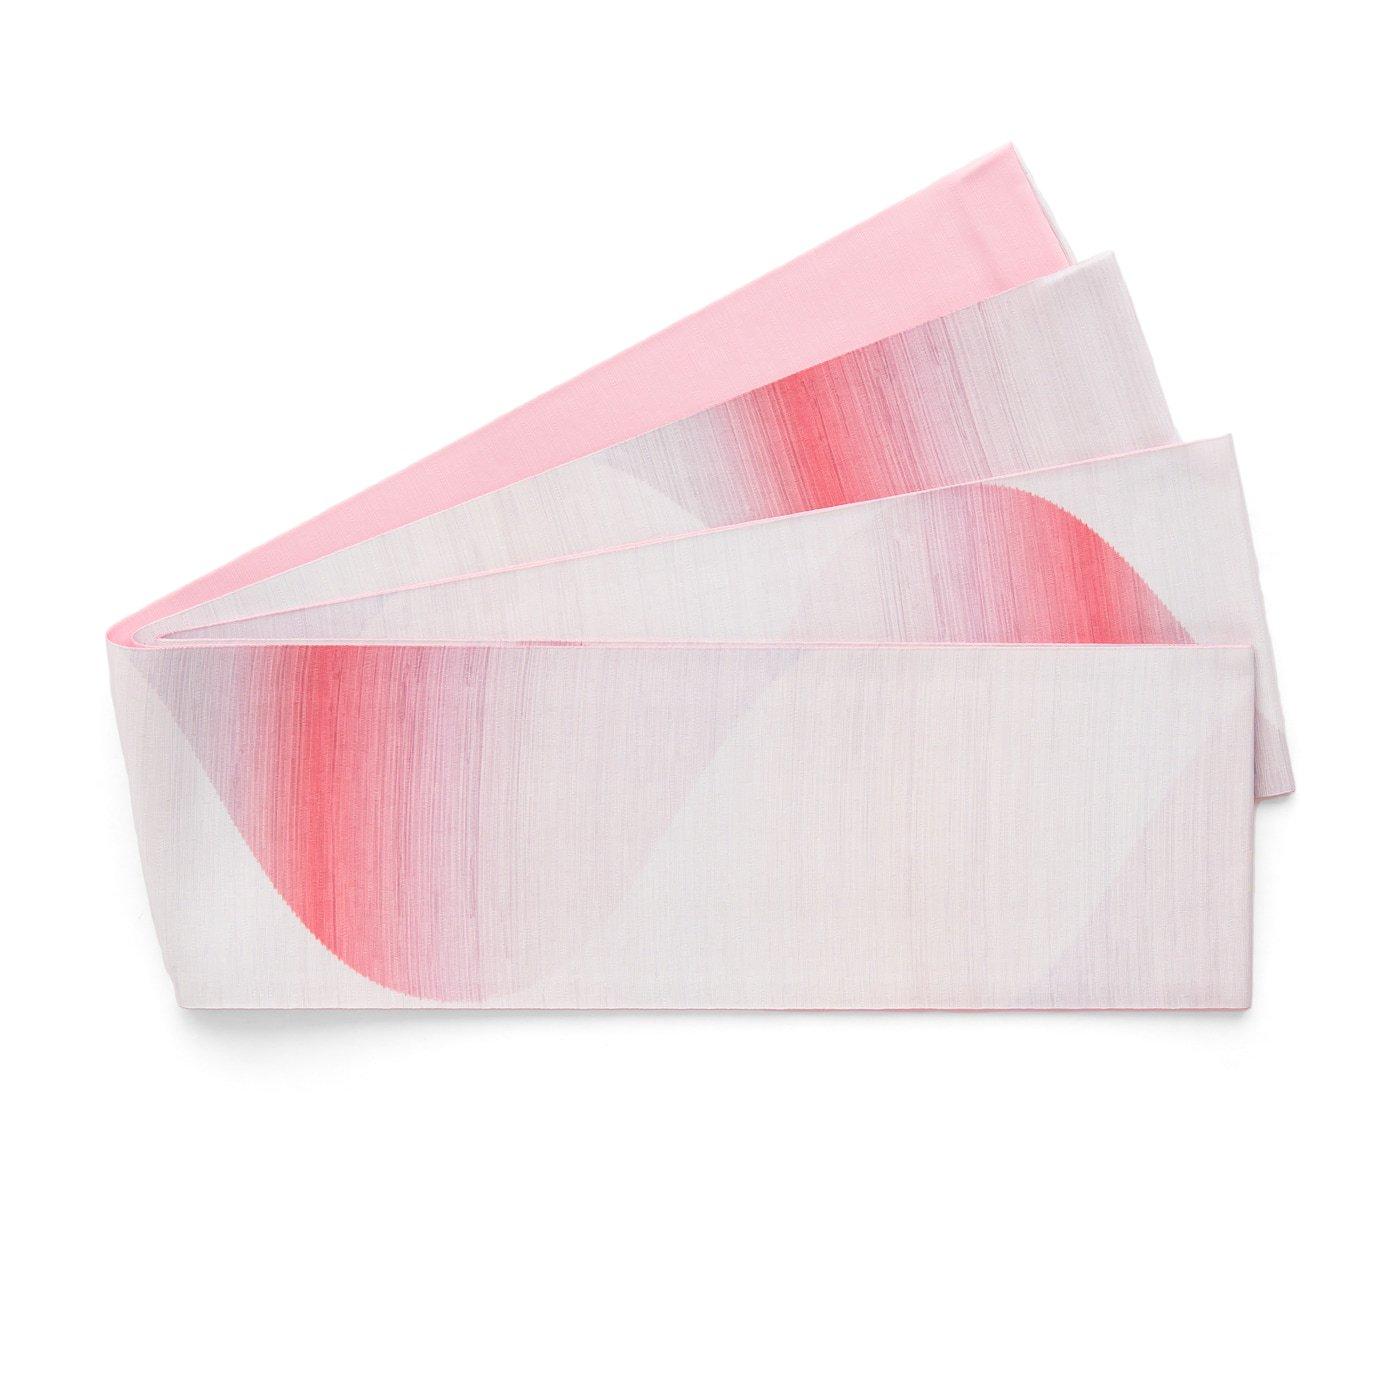 「長尺半幅帯 曲線暈し ピンク」の商品画像